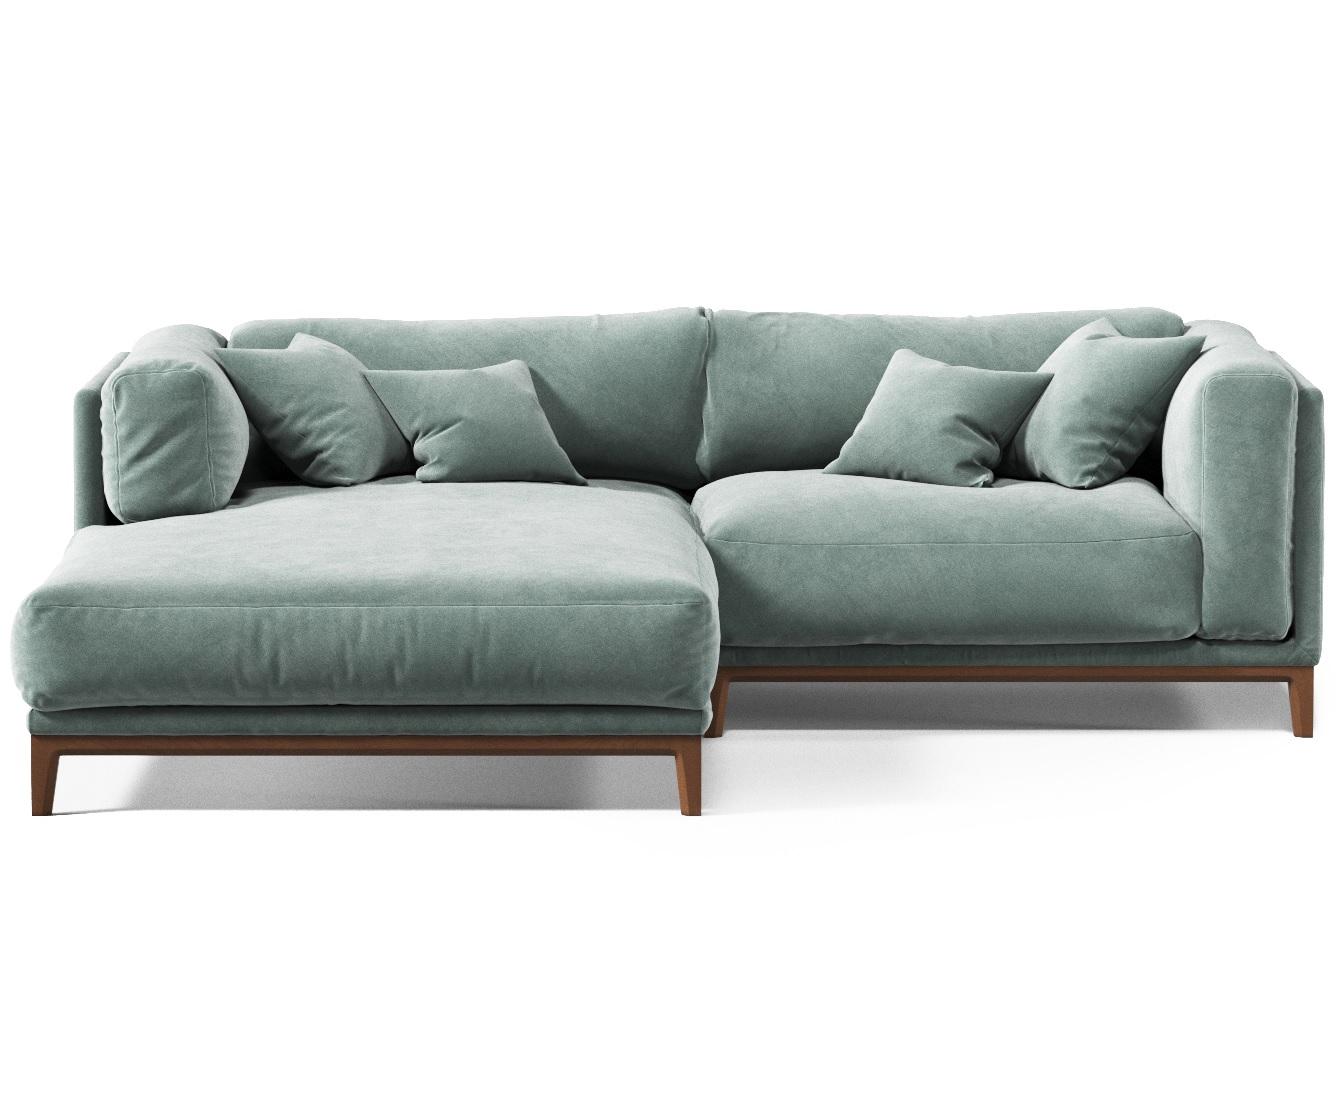 Диван Case 2Угловые диваны<br>&amp;lt;div&amp;gt;Эта модель трехместного дивана подойдет в любые помещения благодаря модульной конструкции, современному дизайну и эргономичному наполнителю. Объемные подушки из прорезиненного пенополиуретана нескольких степеней жесткости вместе с удобной глубокой посадкой создают необычайно комфортную зону отдыха и легко восстанавливают форму.&amp;lt;br&amp;gt;&amp;lt;/div&amp;gt;&amp;lt;div&amp;gt;&amp;lt;br&amp;gt;&amp;lt;/div&amp;gt;&amp;lt;div&amp;gt;Все чехлы съемные, их легко стирать. Диваны не имеют оборотной стороны и могут устанавливаться в центре помещения. В комплекте с диваном поставляются декоративные подушки.&amp;amp;nbsp;&amp;lt;div&amp;gt;Диван Case доступен к заказу в нескольких категориях ткани и с 5 вариантами тонировки ножек. Кроме того, возможен заказ дивана Case в индивидуальном размере и в собственной ткани.&amp;lt;/div&amp;gt;&amp;lt;div&amp;gt;Вы можете выбрать любой цвет обивки из палитры. В категории 2 цена без изменения. Категории 1 и 3 цена по запросу у менеджера.&amp;amp;nbsp;&amp;lt;div&amp;gt;Также возможны нестандартные варианты сочетания обивки и отделки дивана. Гарантия на изделия составляет 3 года.&amp;lt;/div&amp;gt;&amp;lt;/div&amp;gt;&amp;lt;/div&amp;gt;<br><br>Material: Текстиль<br>Ширина см: 248<br>Высота см: 80<br>Глубина см: 195